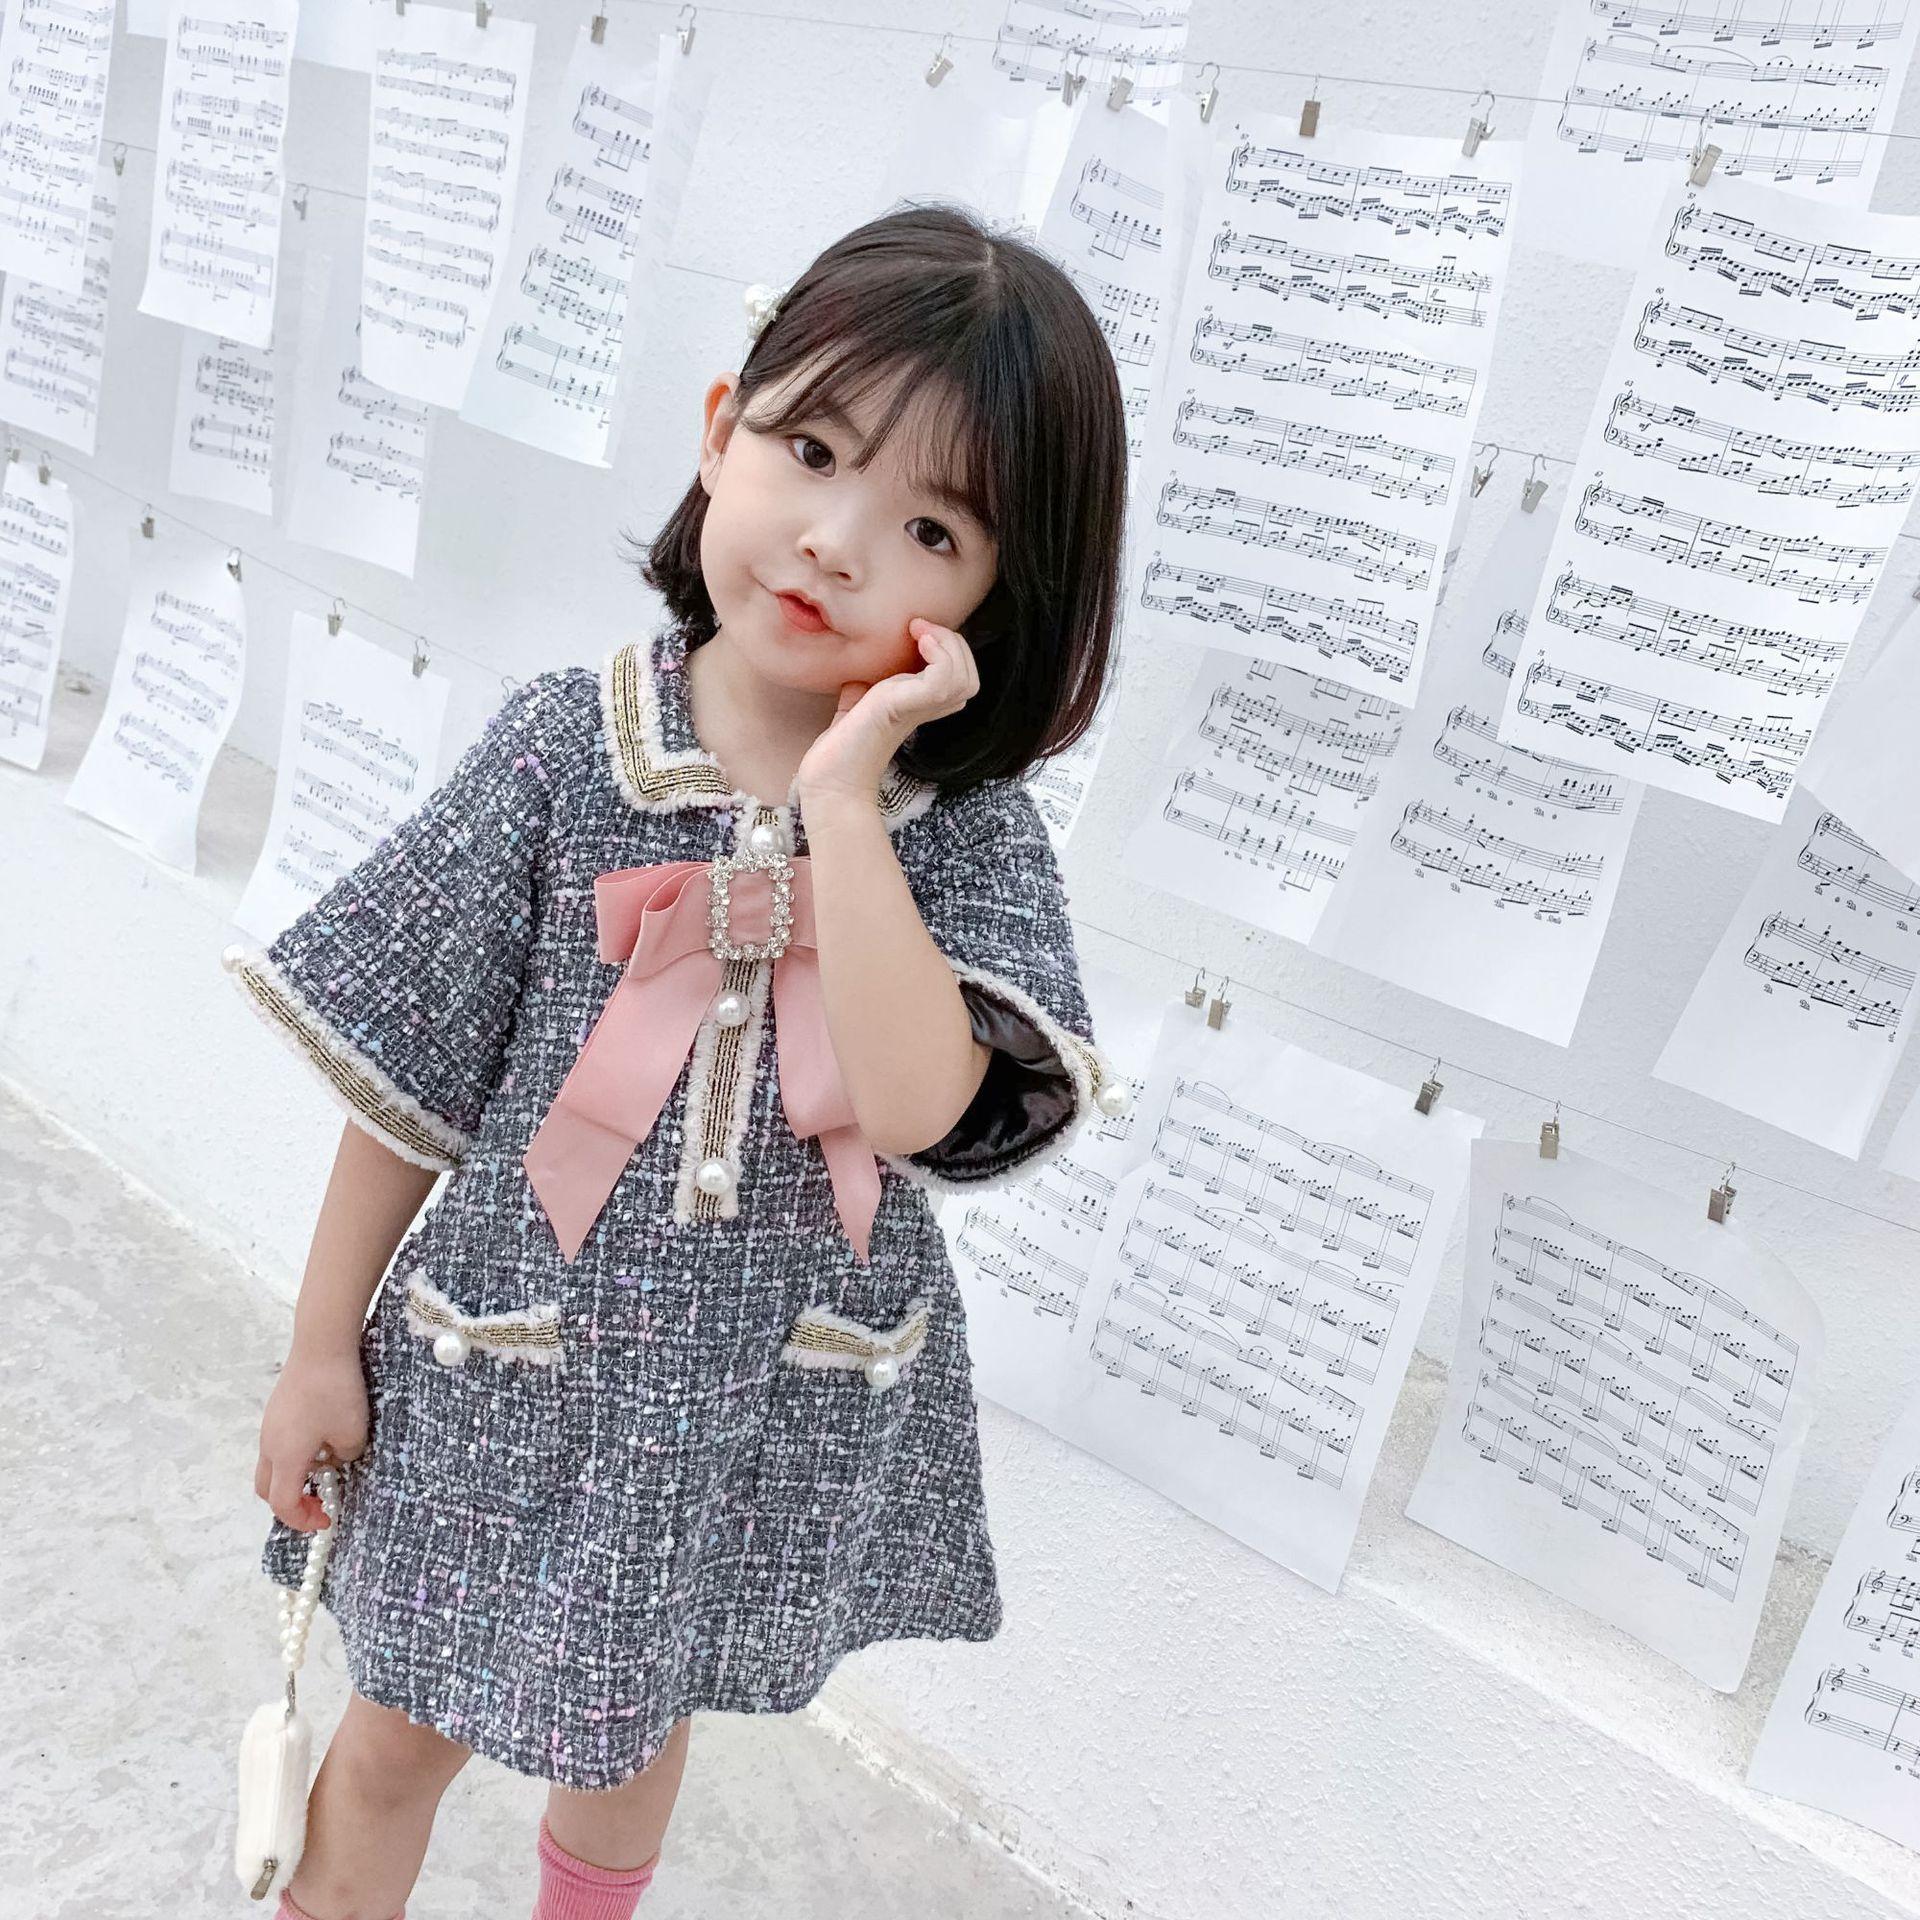 التجزئة طفلة الفساتين الفاخرة مزاجه اللؤلؤ القوس الأميرة فساتين للأطفال مصمم ملابس الفتيات اللباس بوتيك الملابس